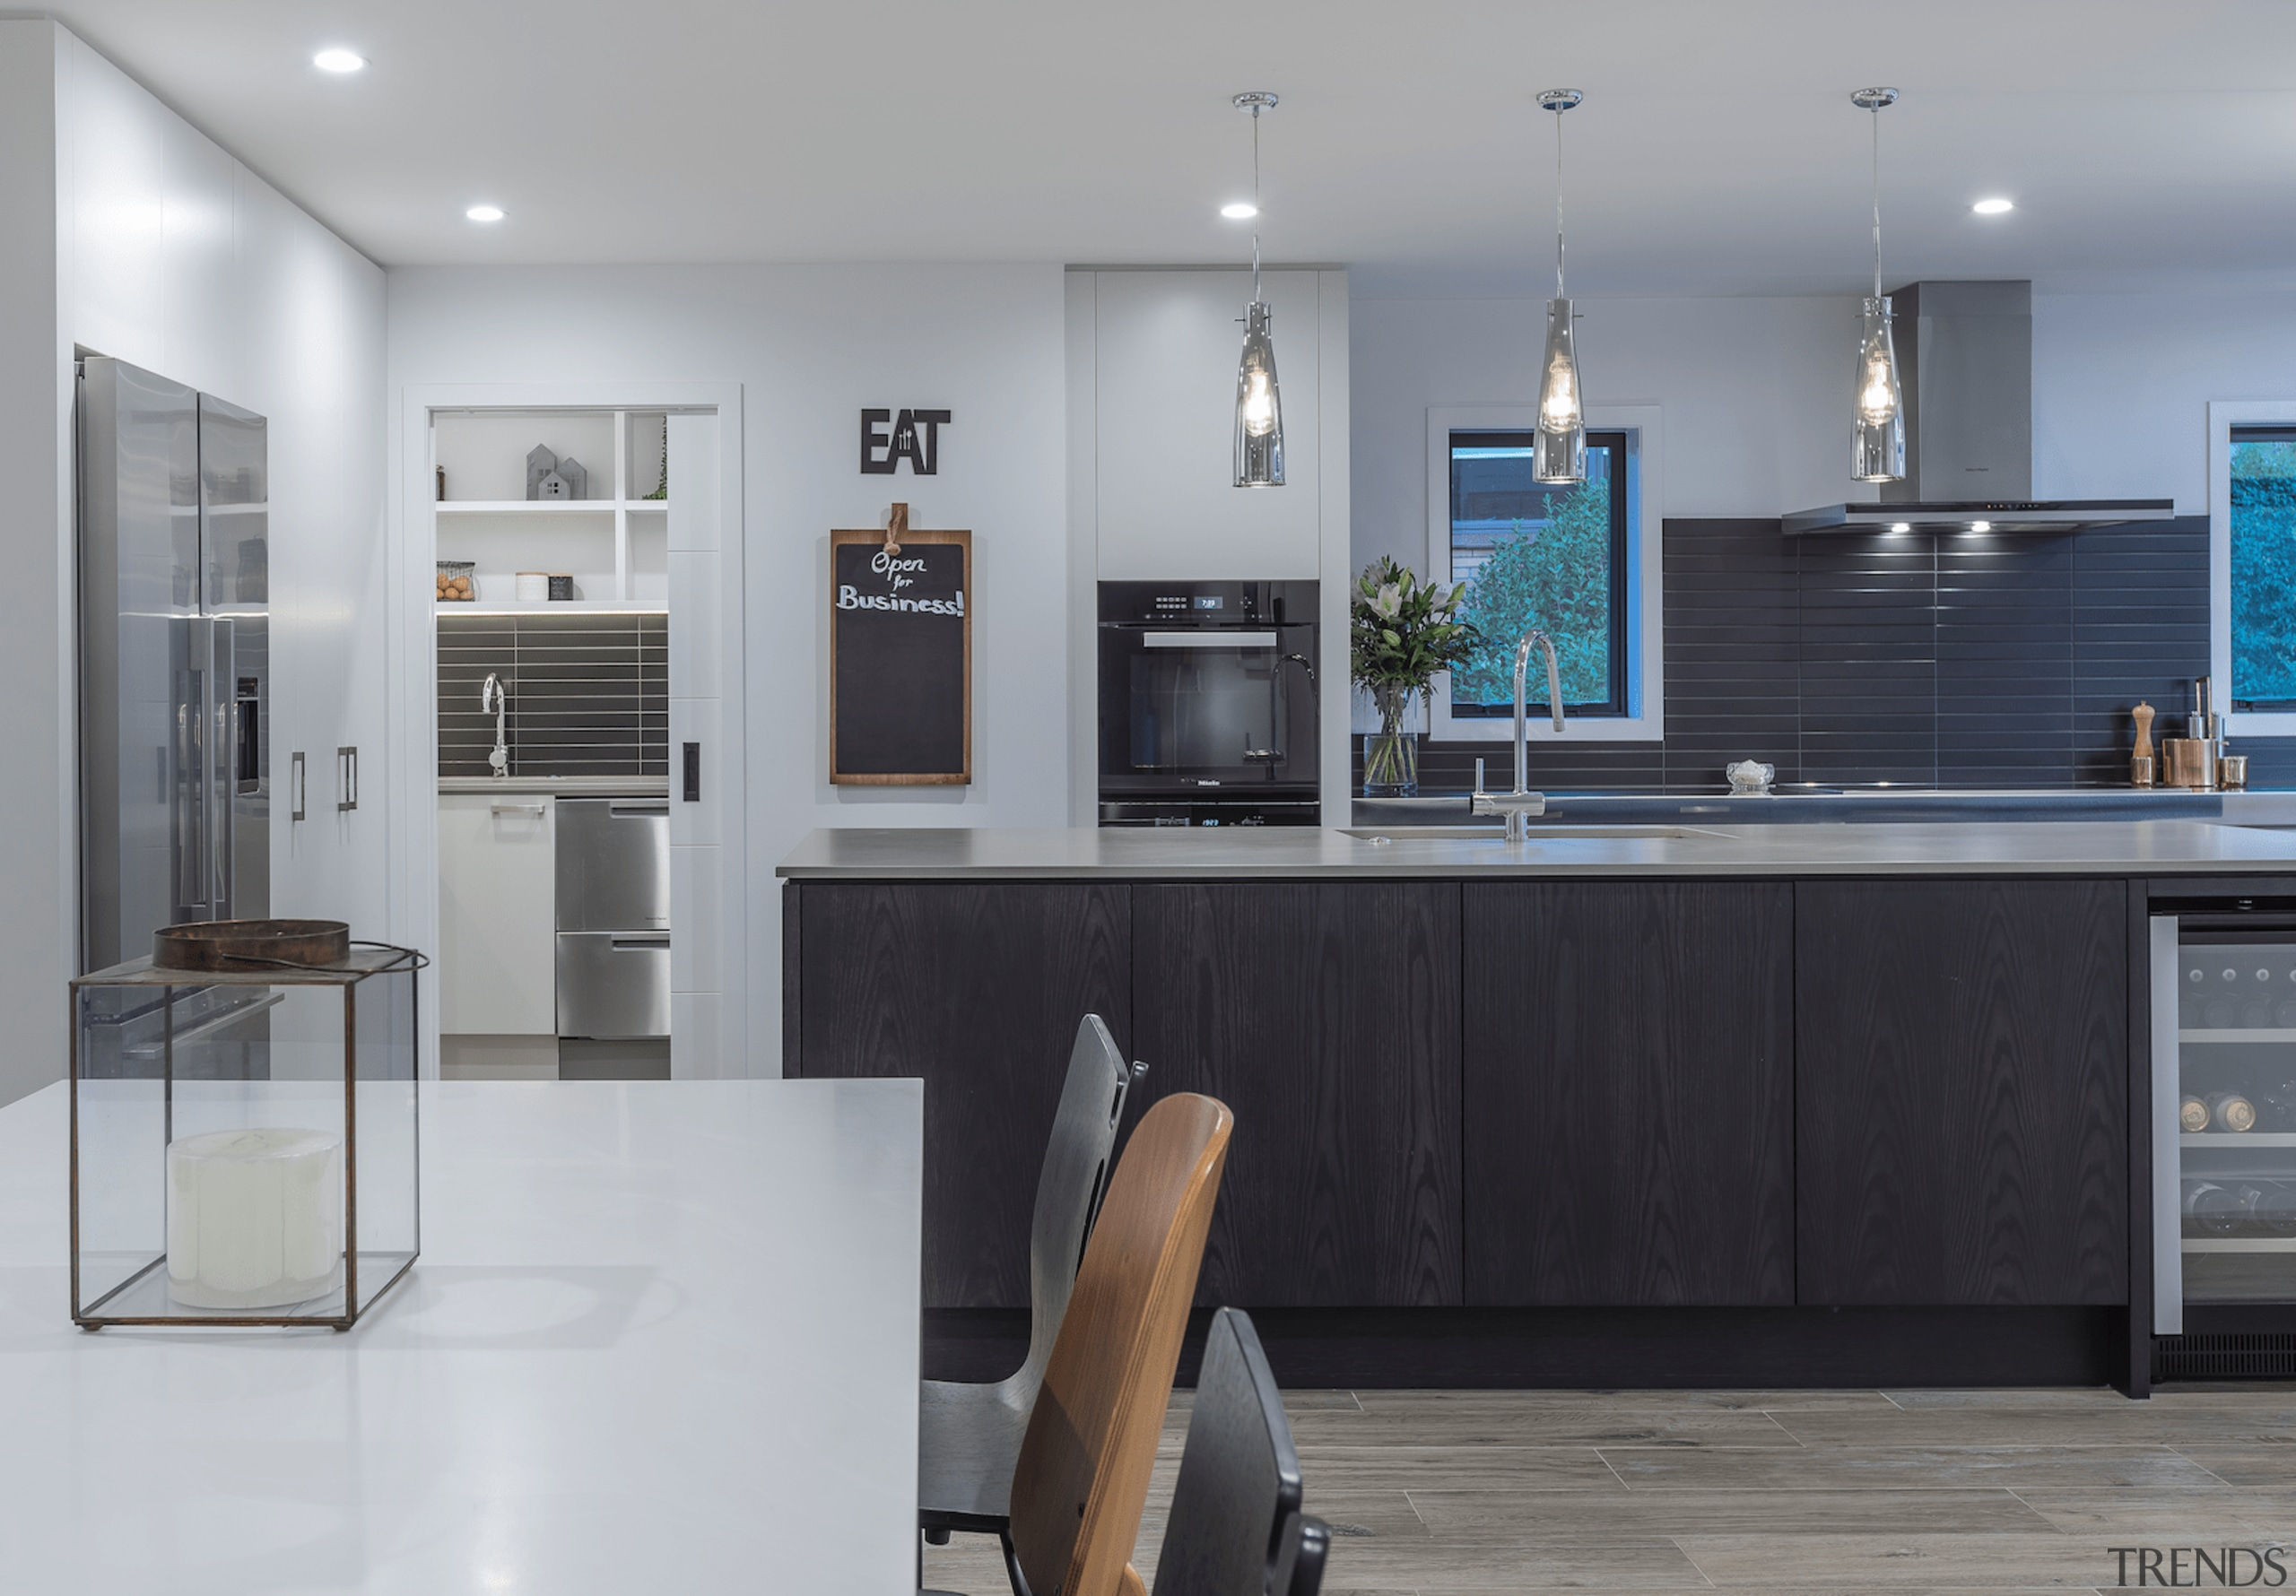 See more countertop, cuisine classique, home appliance, interior design, kitchen, room, gray, black